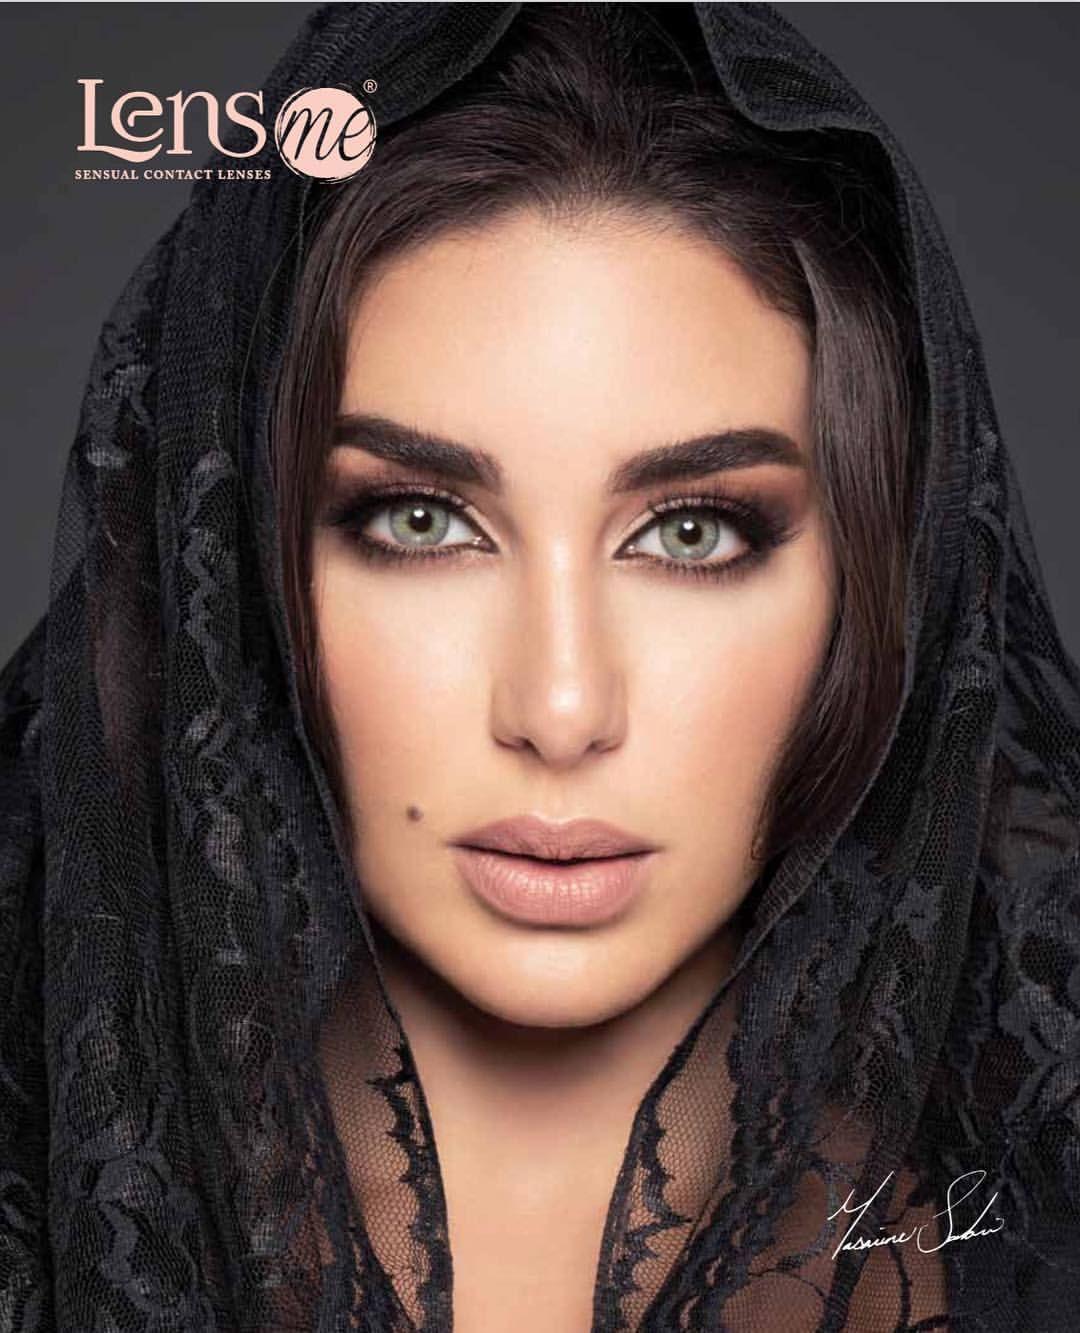 اللون كلاود من عدسات لنس مي بعيون الفنانه الخلوقه ياسمين صبري متوفره في معظم صيدليات النهدي Nahdi Egyptian Actress Beautiful Arab Women Beautiful Women Faces